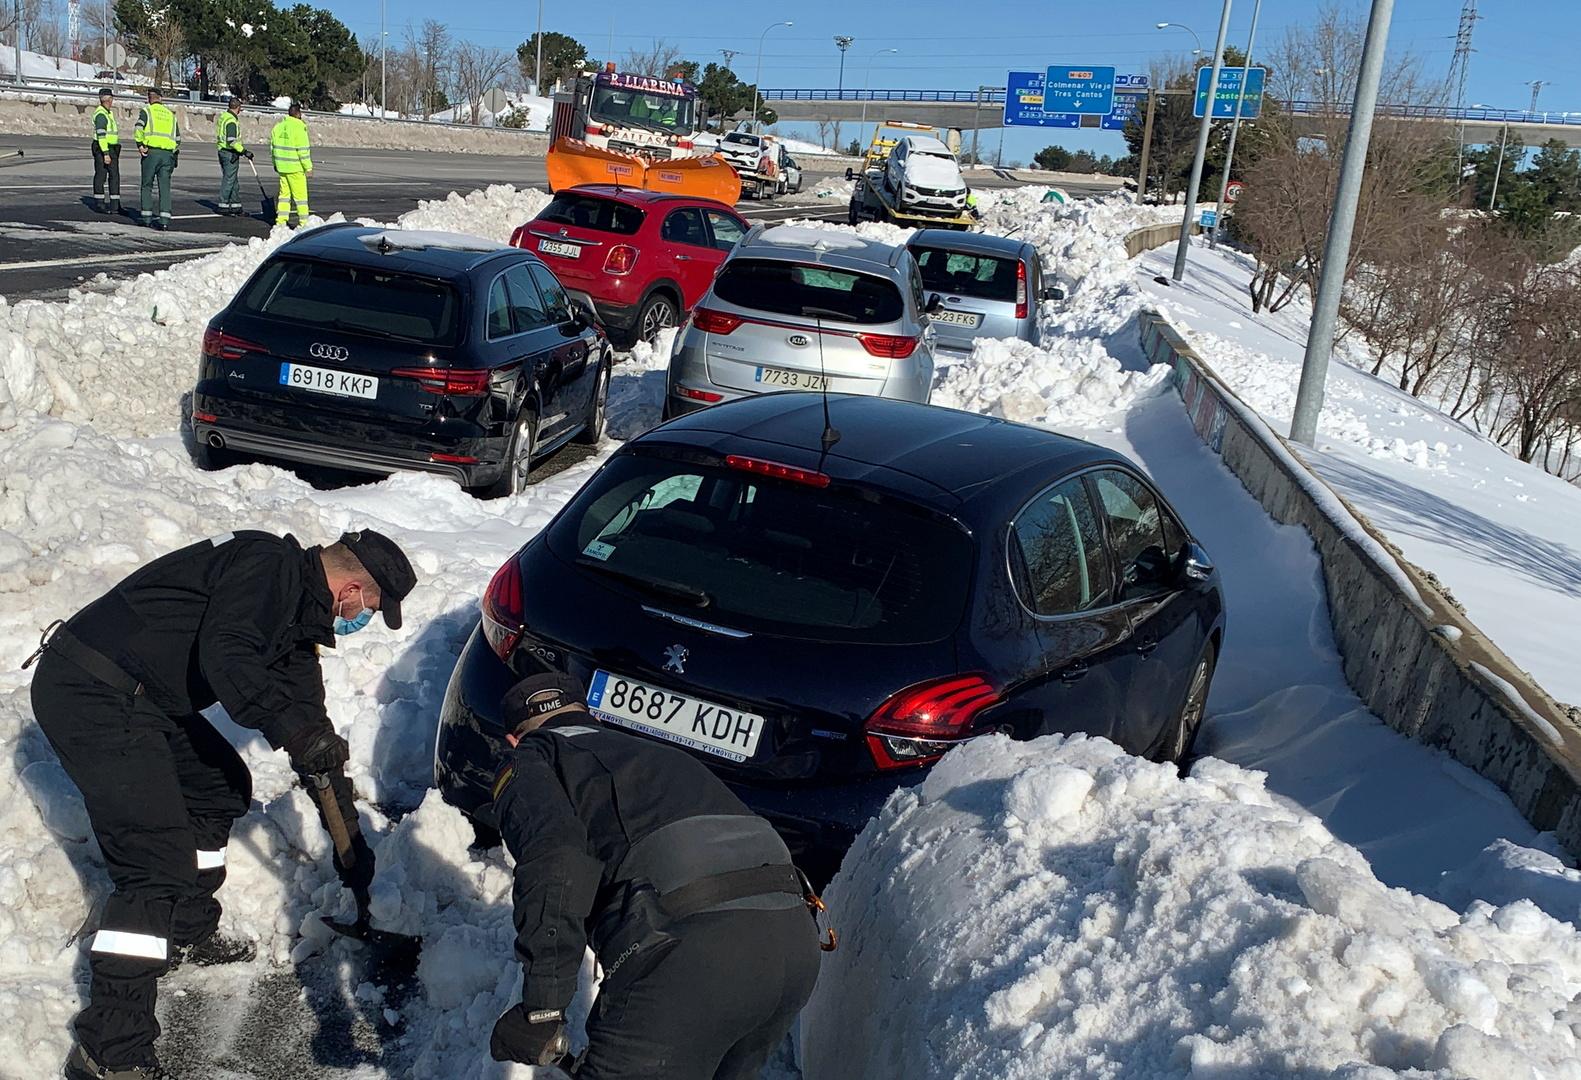 إسبانيا تشهد انخفاض درجات الحرارة في بعض المناطق إلى ما دون 25 درجة تحت الصفر